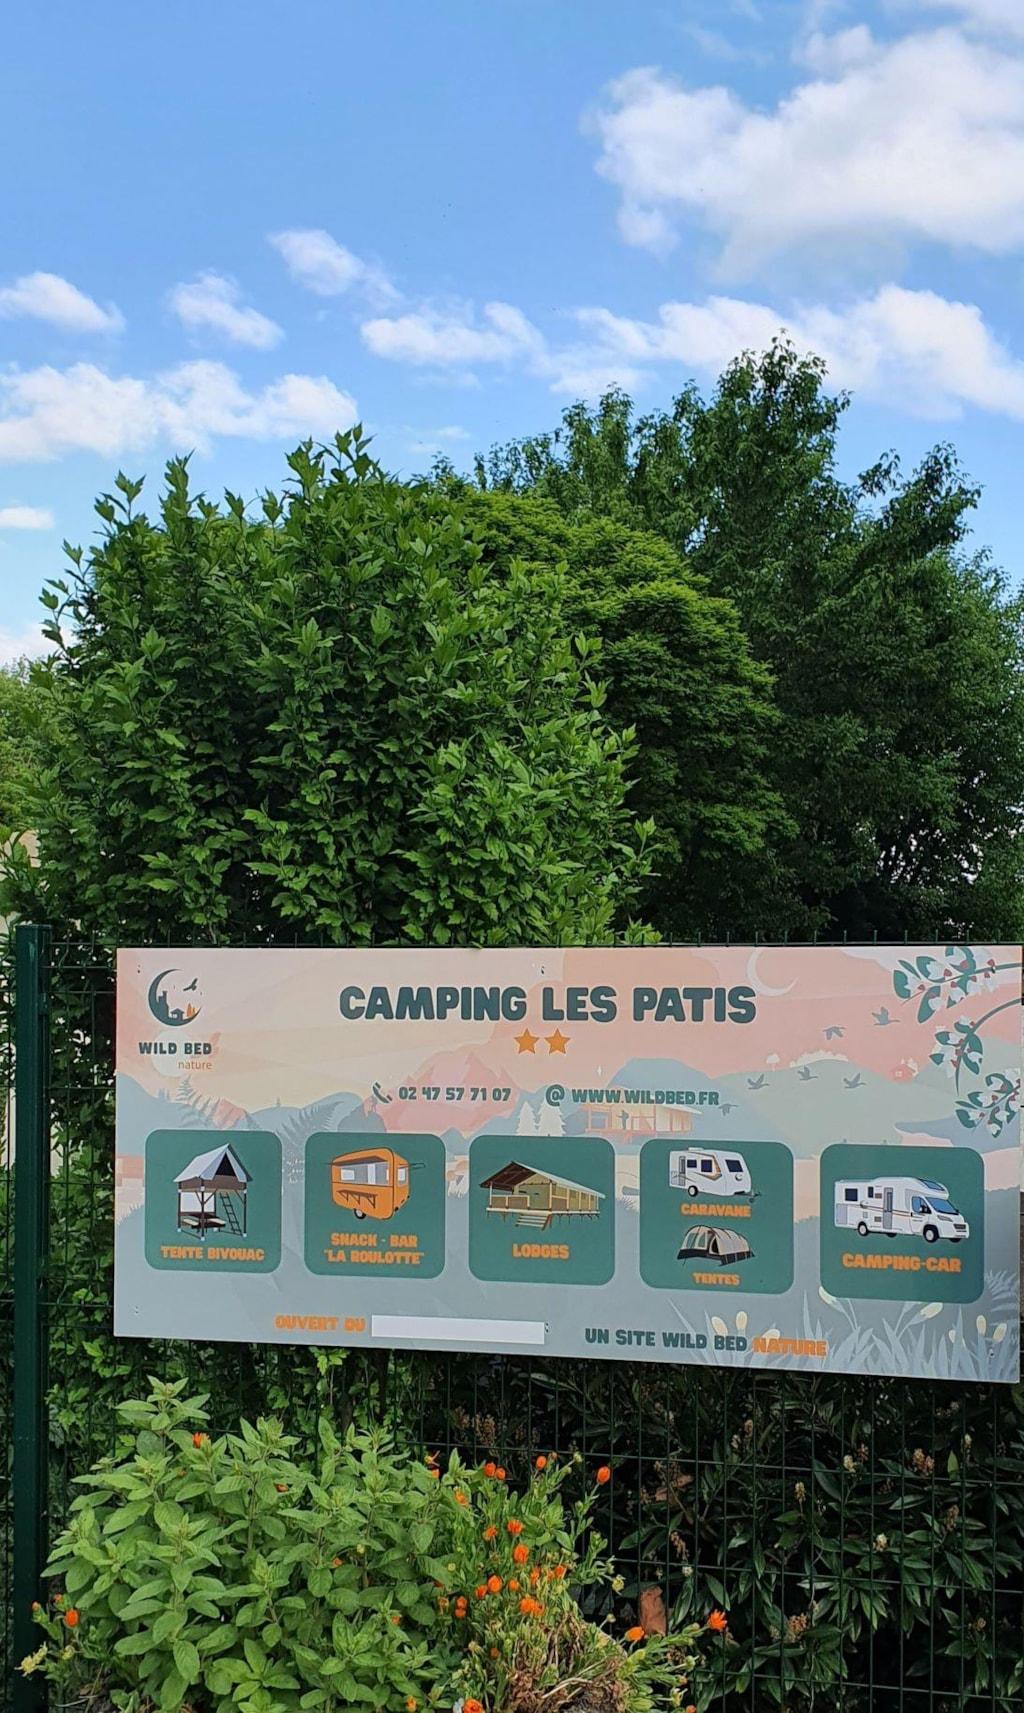 Camping Les Patis